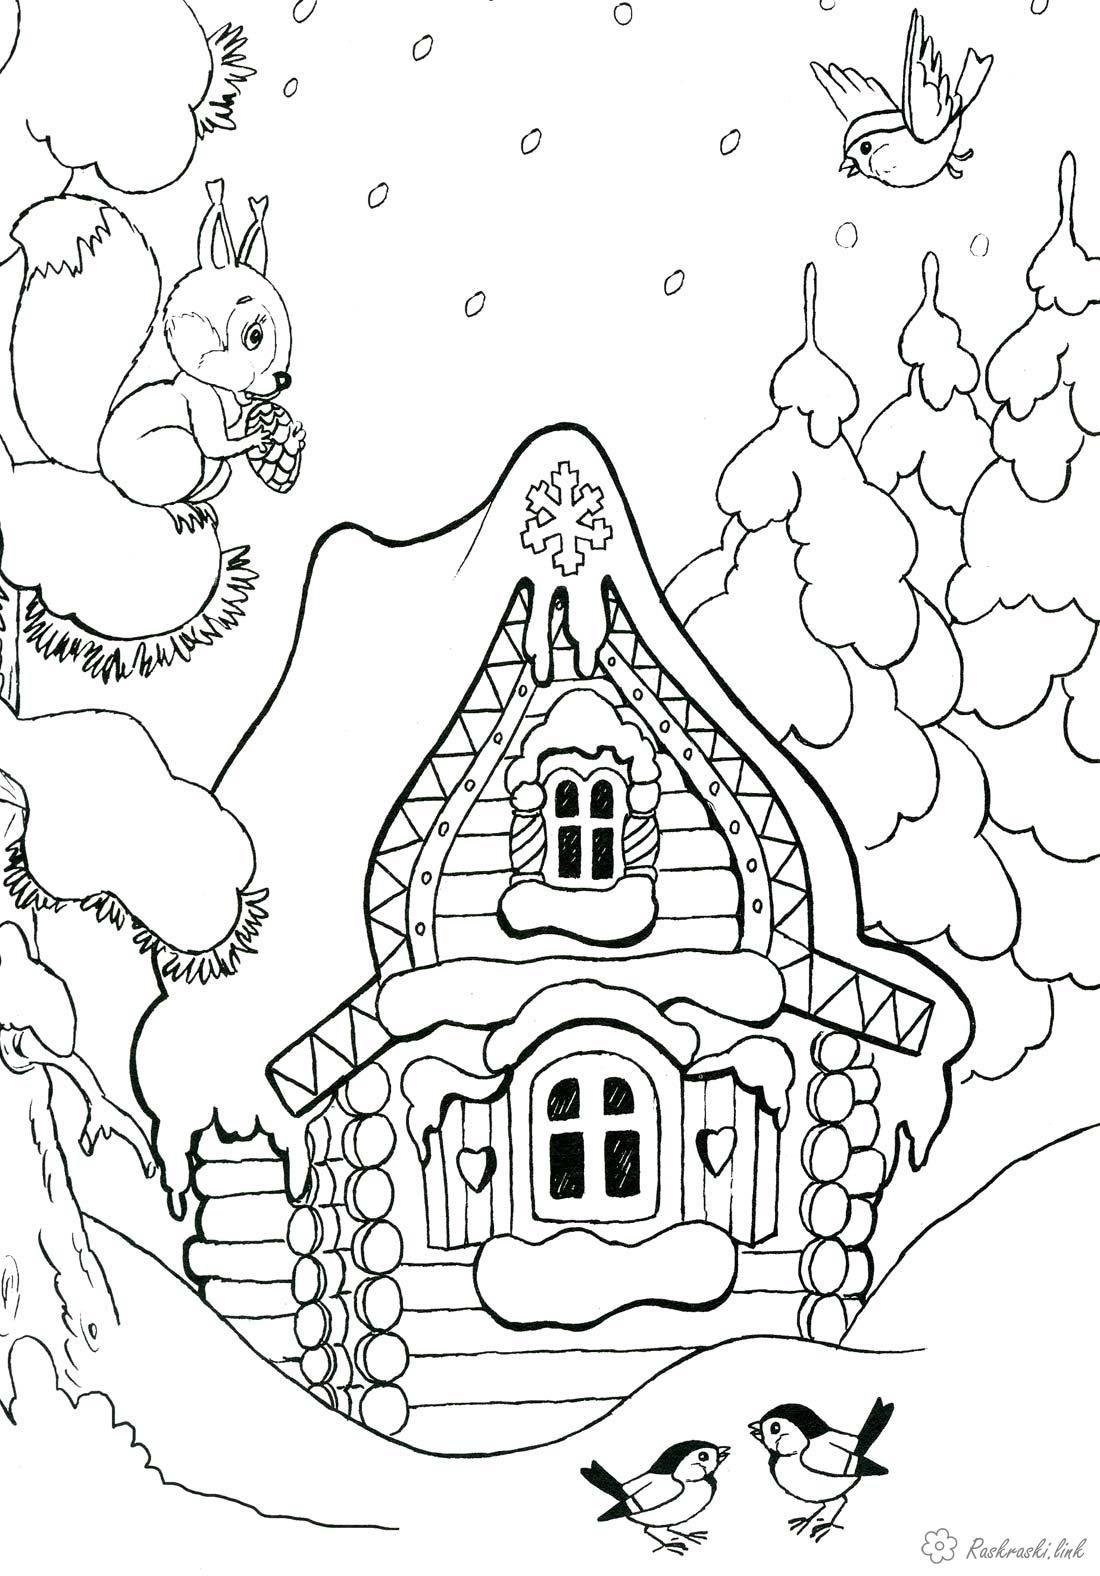 Детская новогодняя раскраска, сказочный домик в окружении ...